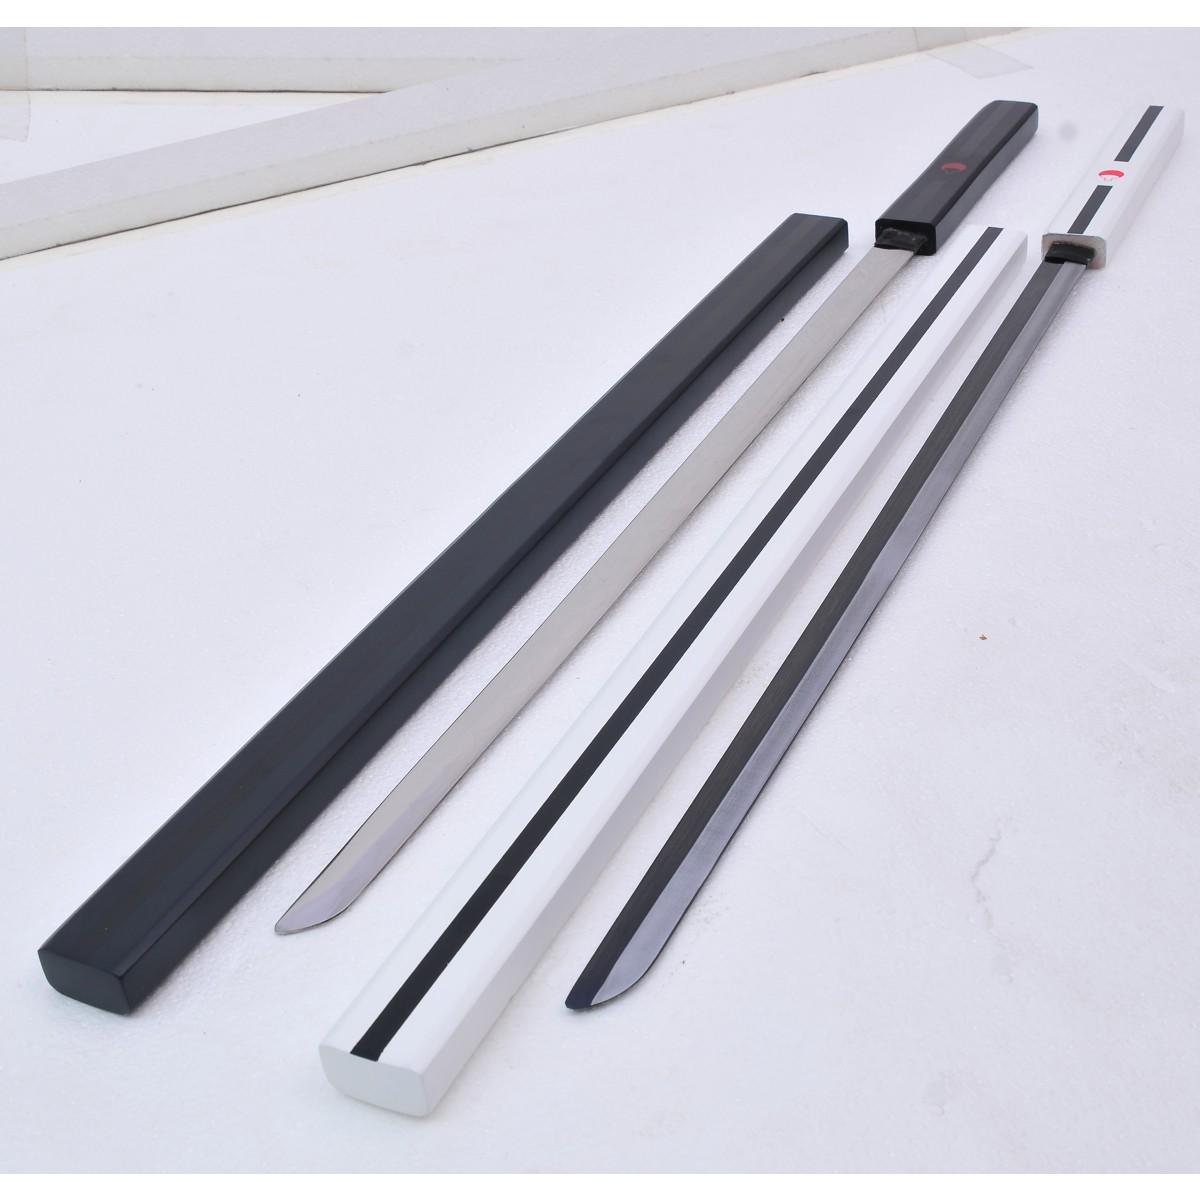 Kusanagi  pedang legenda jepang paling tajam katana